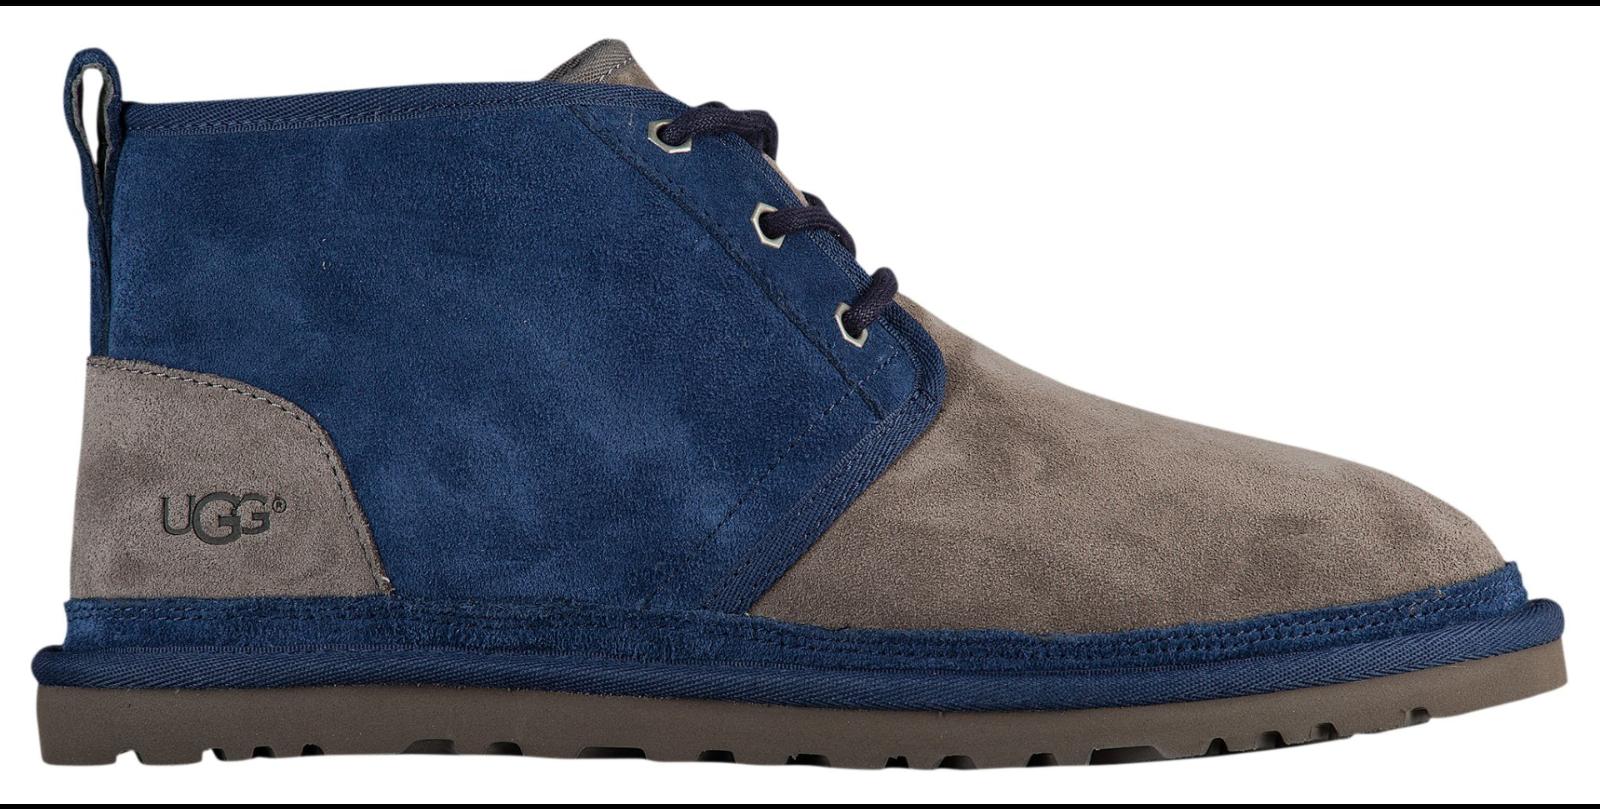 UGG Australia Herren Neumel 3236 Schuhe Chestnut Suede